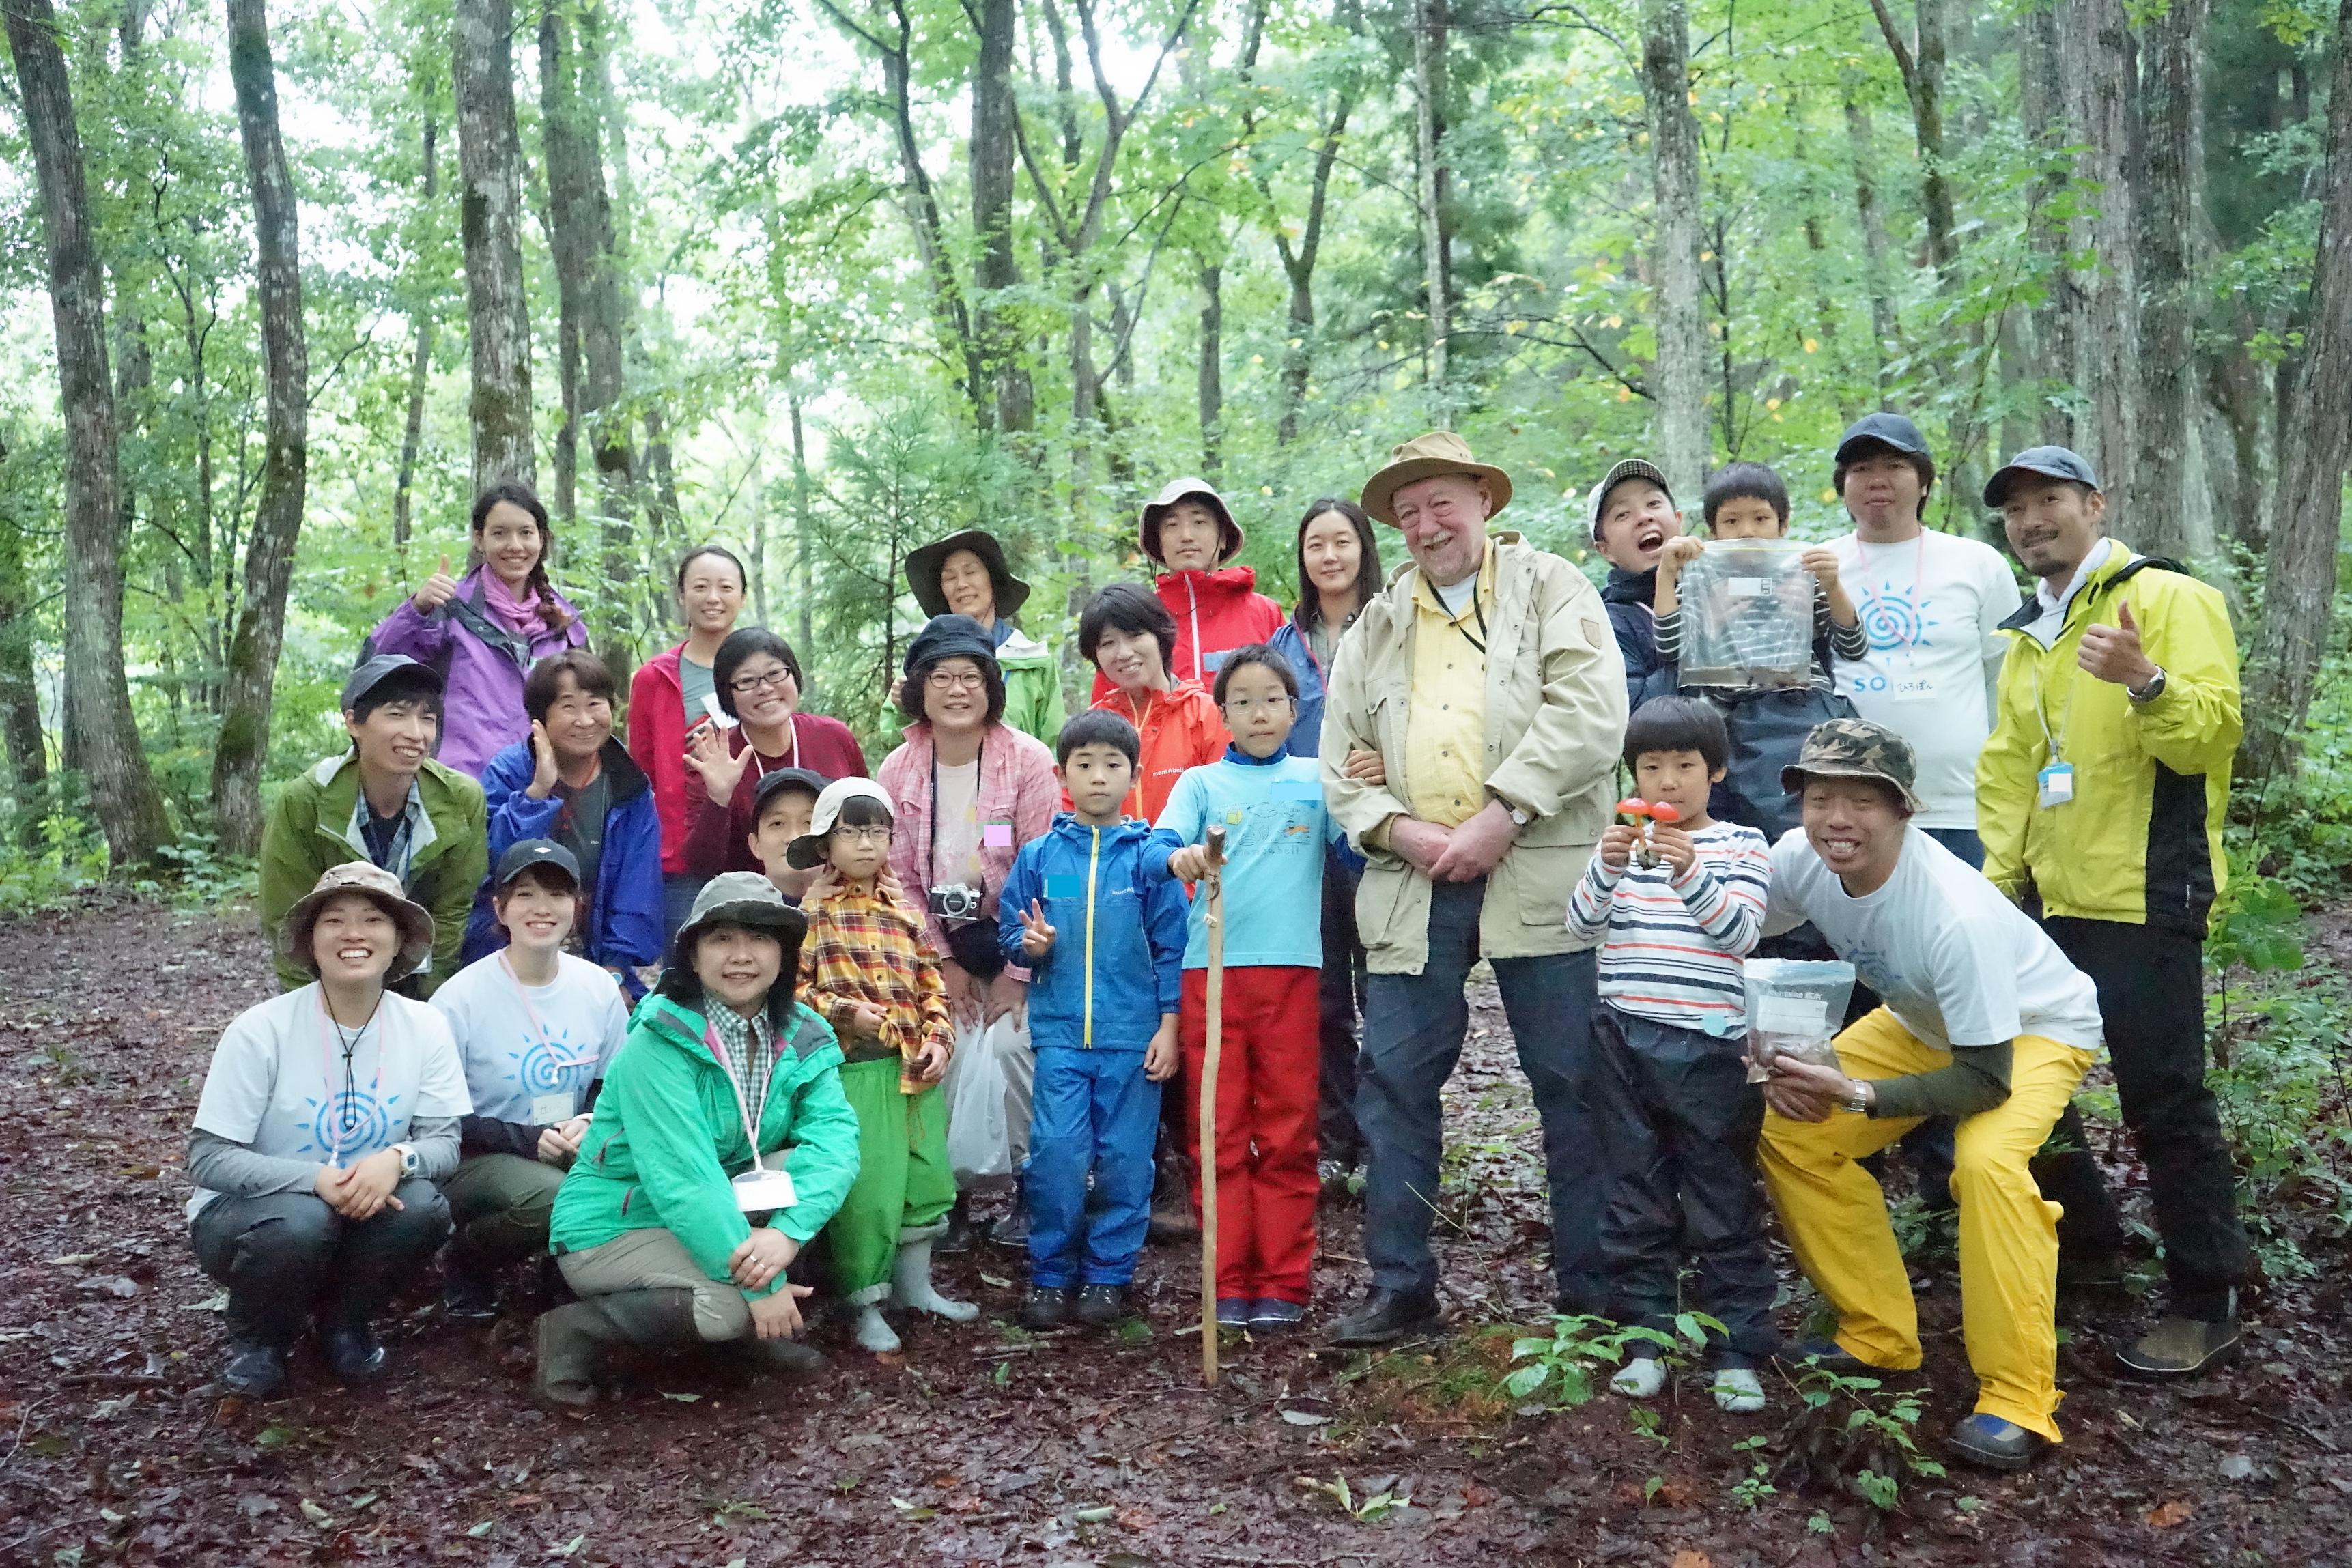 アファンの森でC.W.ニコルと発達障害児の研究ツアー